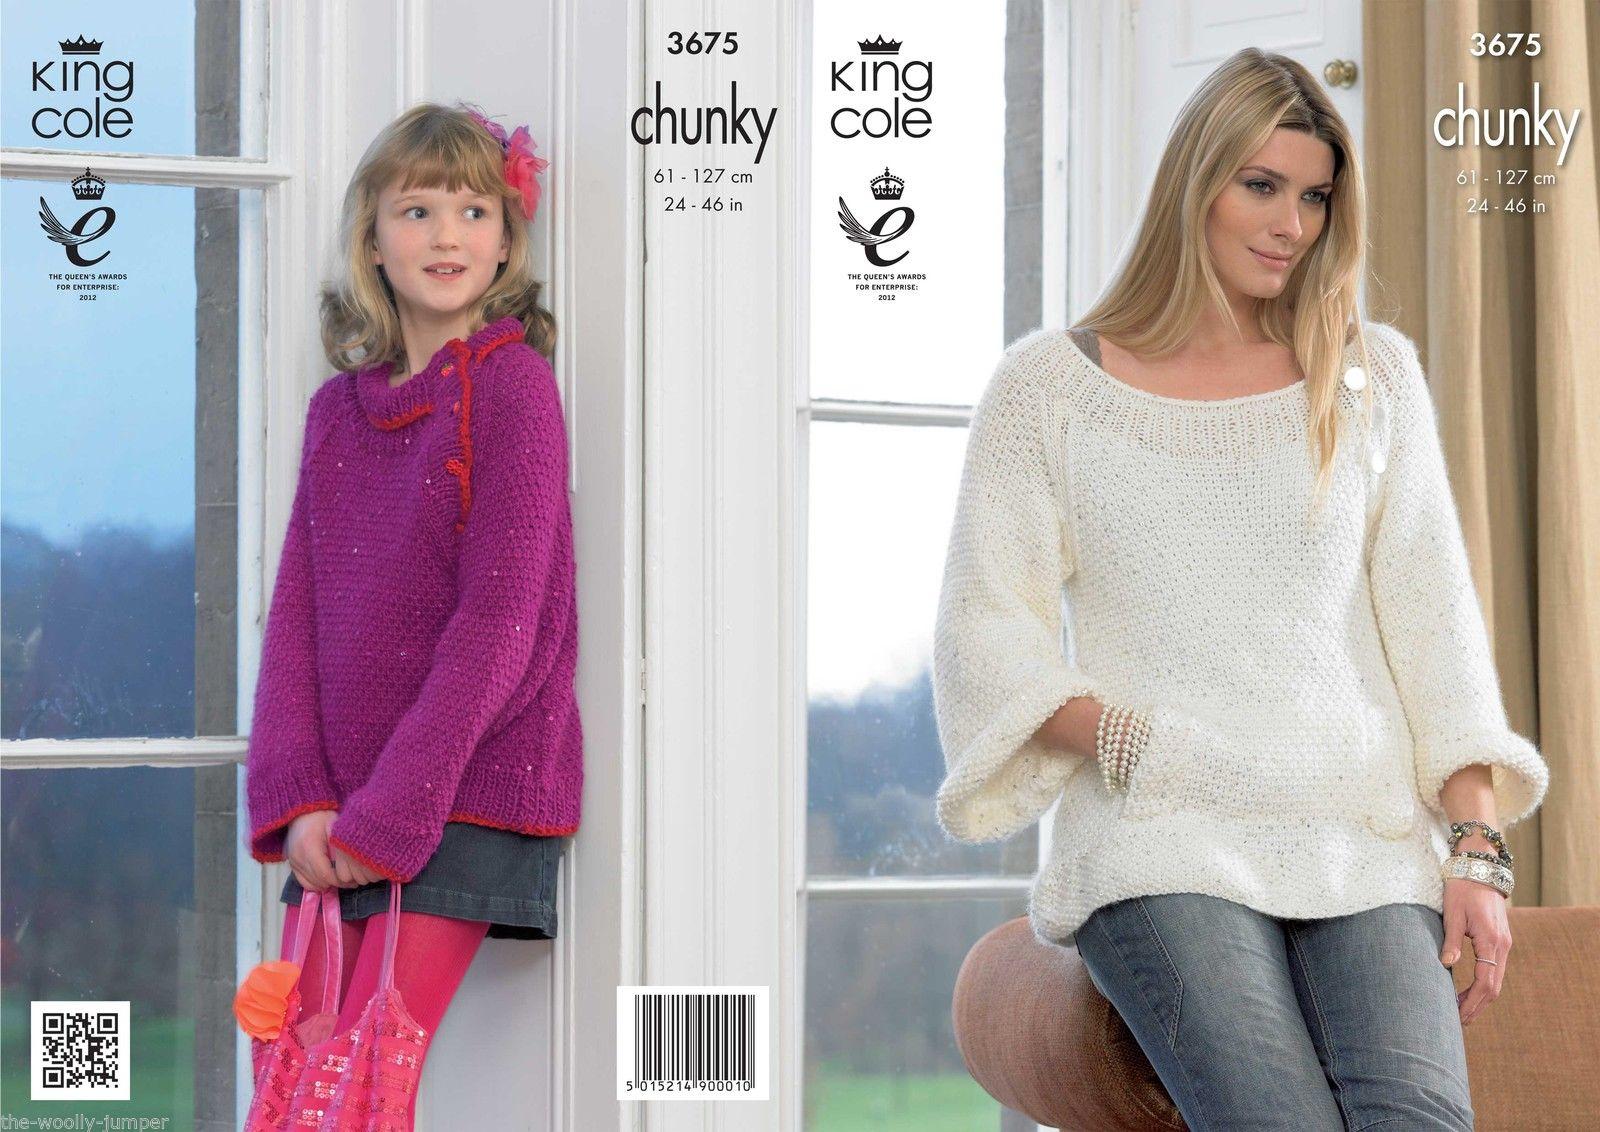 king cole knitting patterns 3675 - king cole galaxy chunky tunic u0026 sweater knitting pattern - to azhiehm